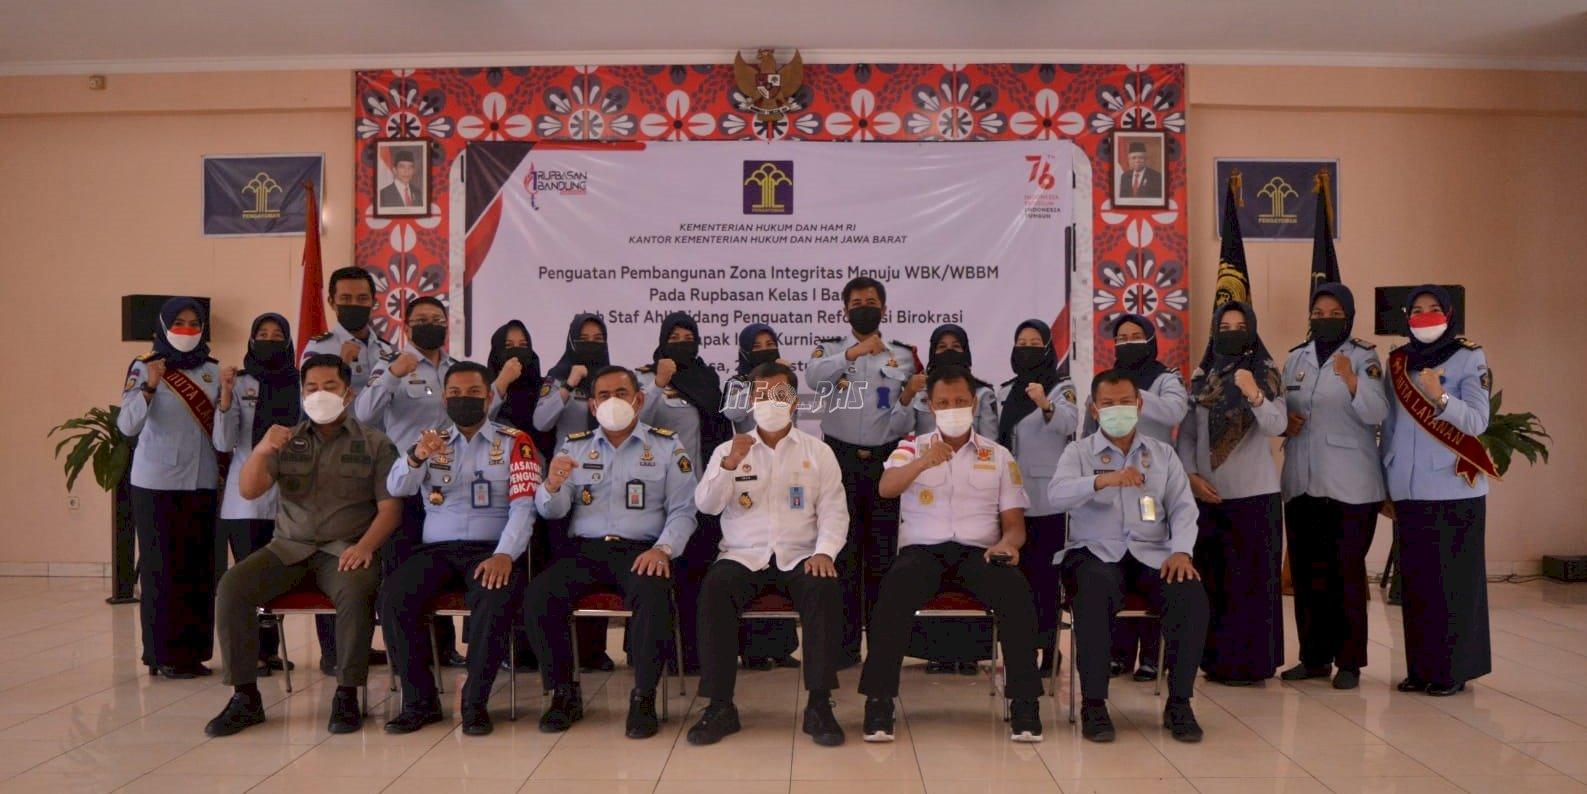 Staf Ahli Menteri Bidang Penguatan RB Puji Pencapaian Rupbasan Bandung